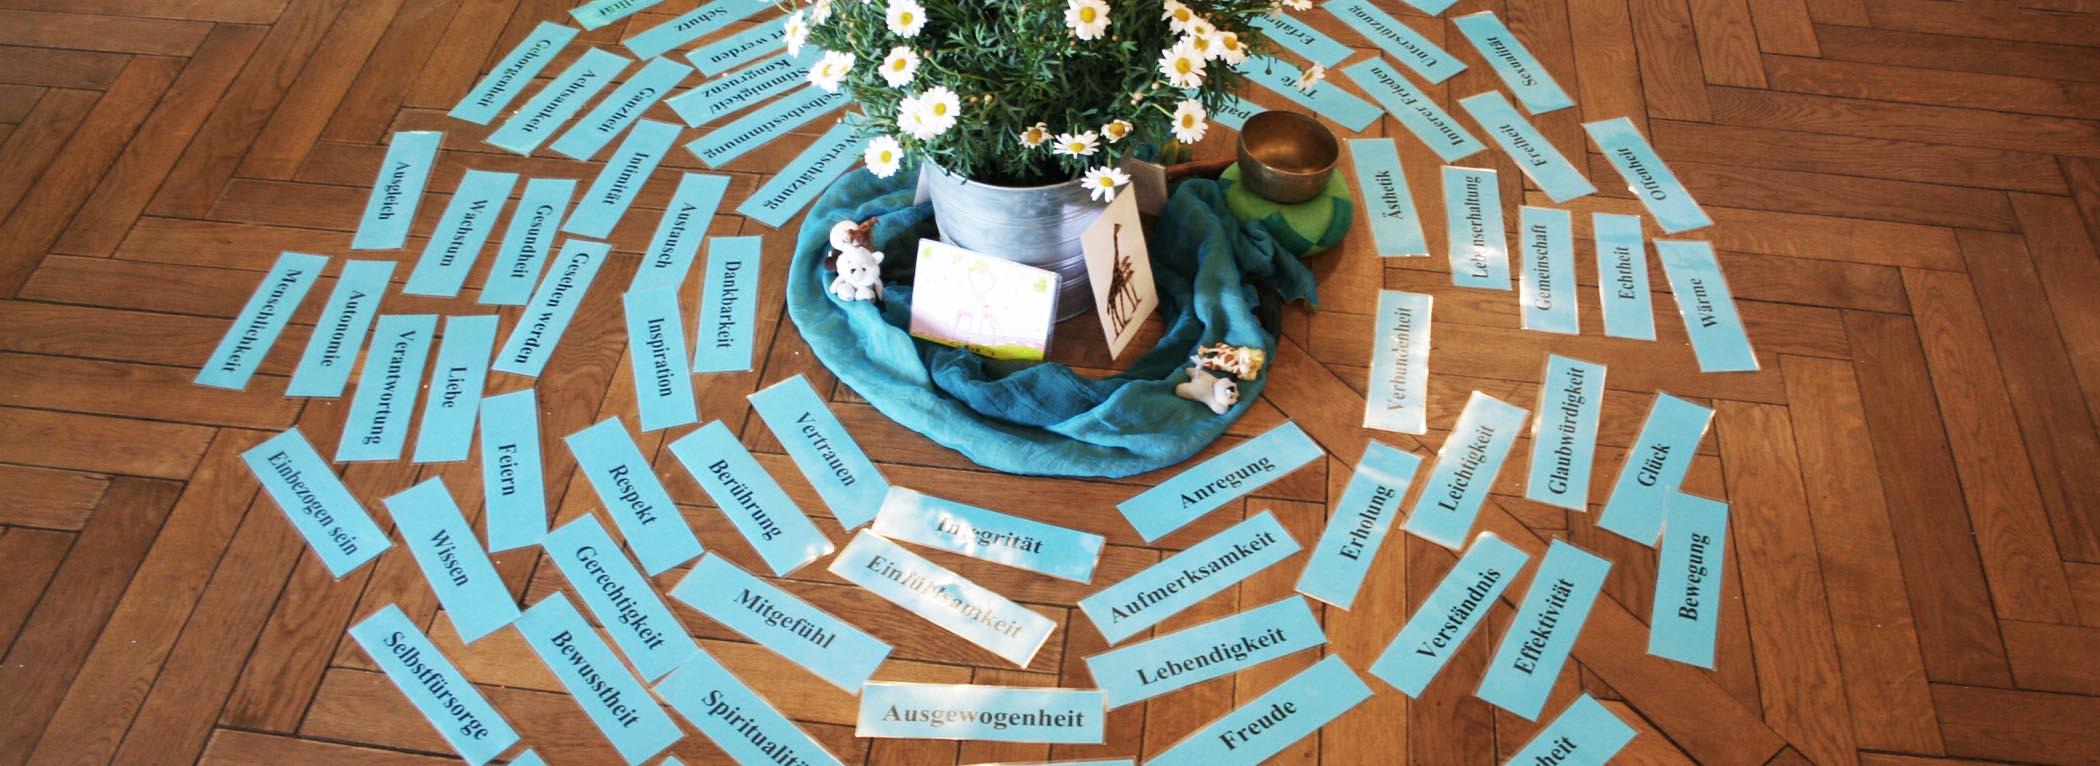 Karten liegen im Kreis um eine Vase